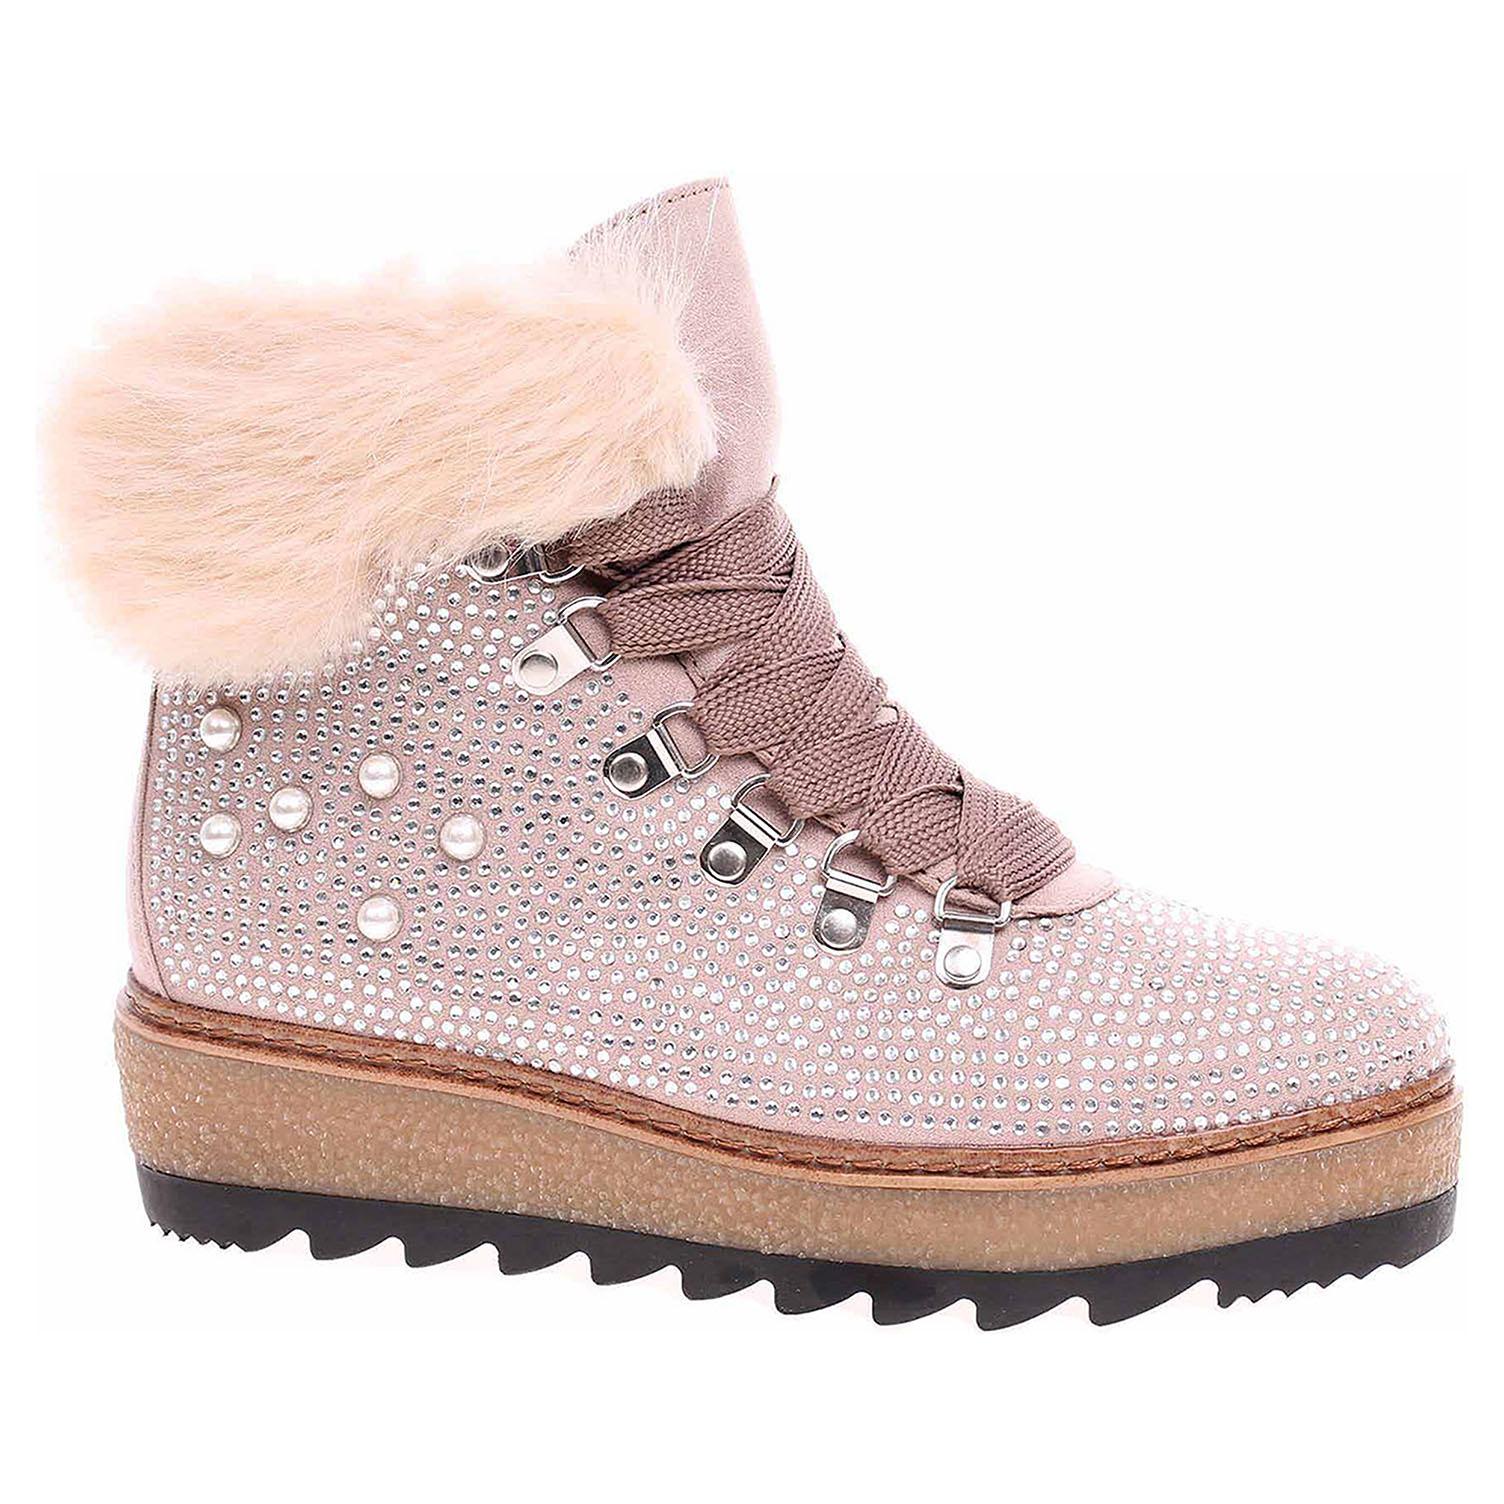 7ef4fd3edef53 Dámská kotníková obuv Tamaris 1-26722-21 shell | Rejnok obuv